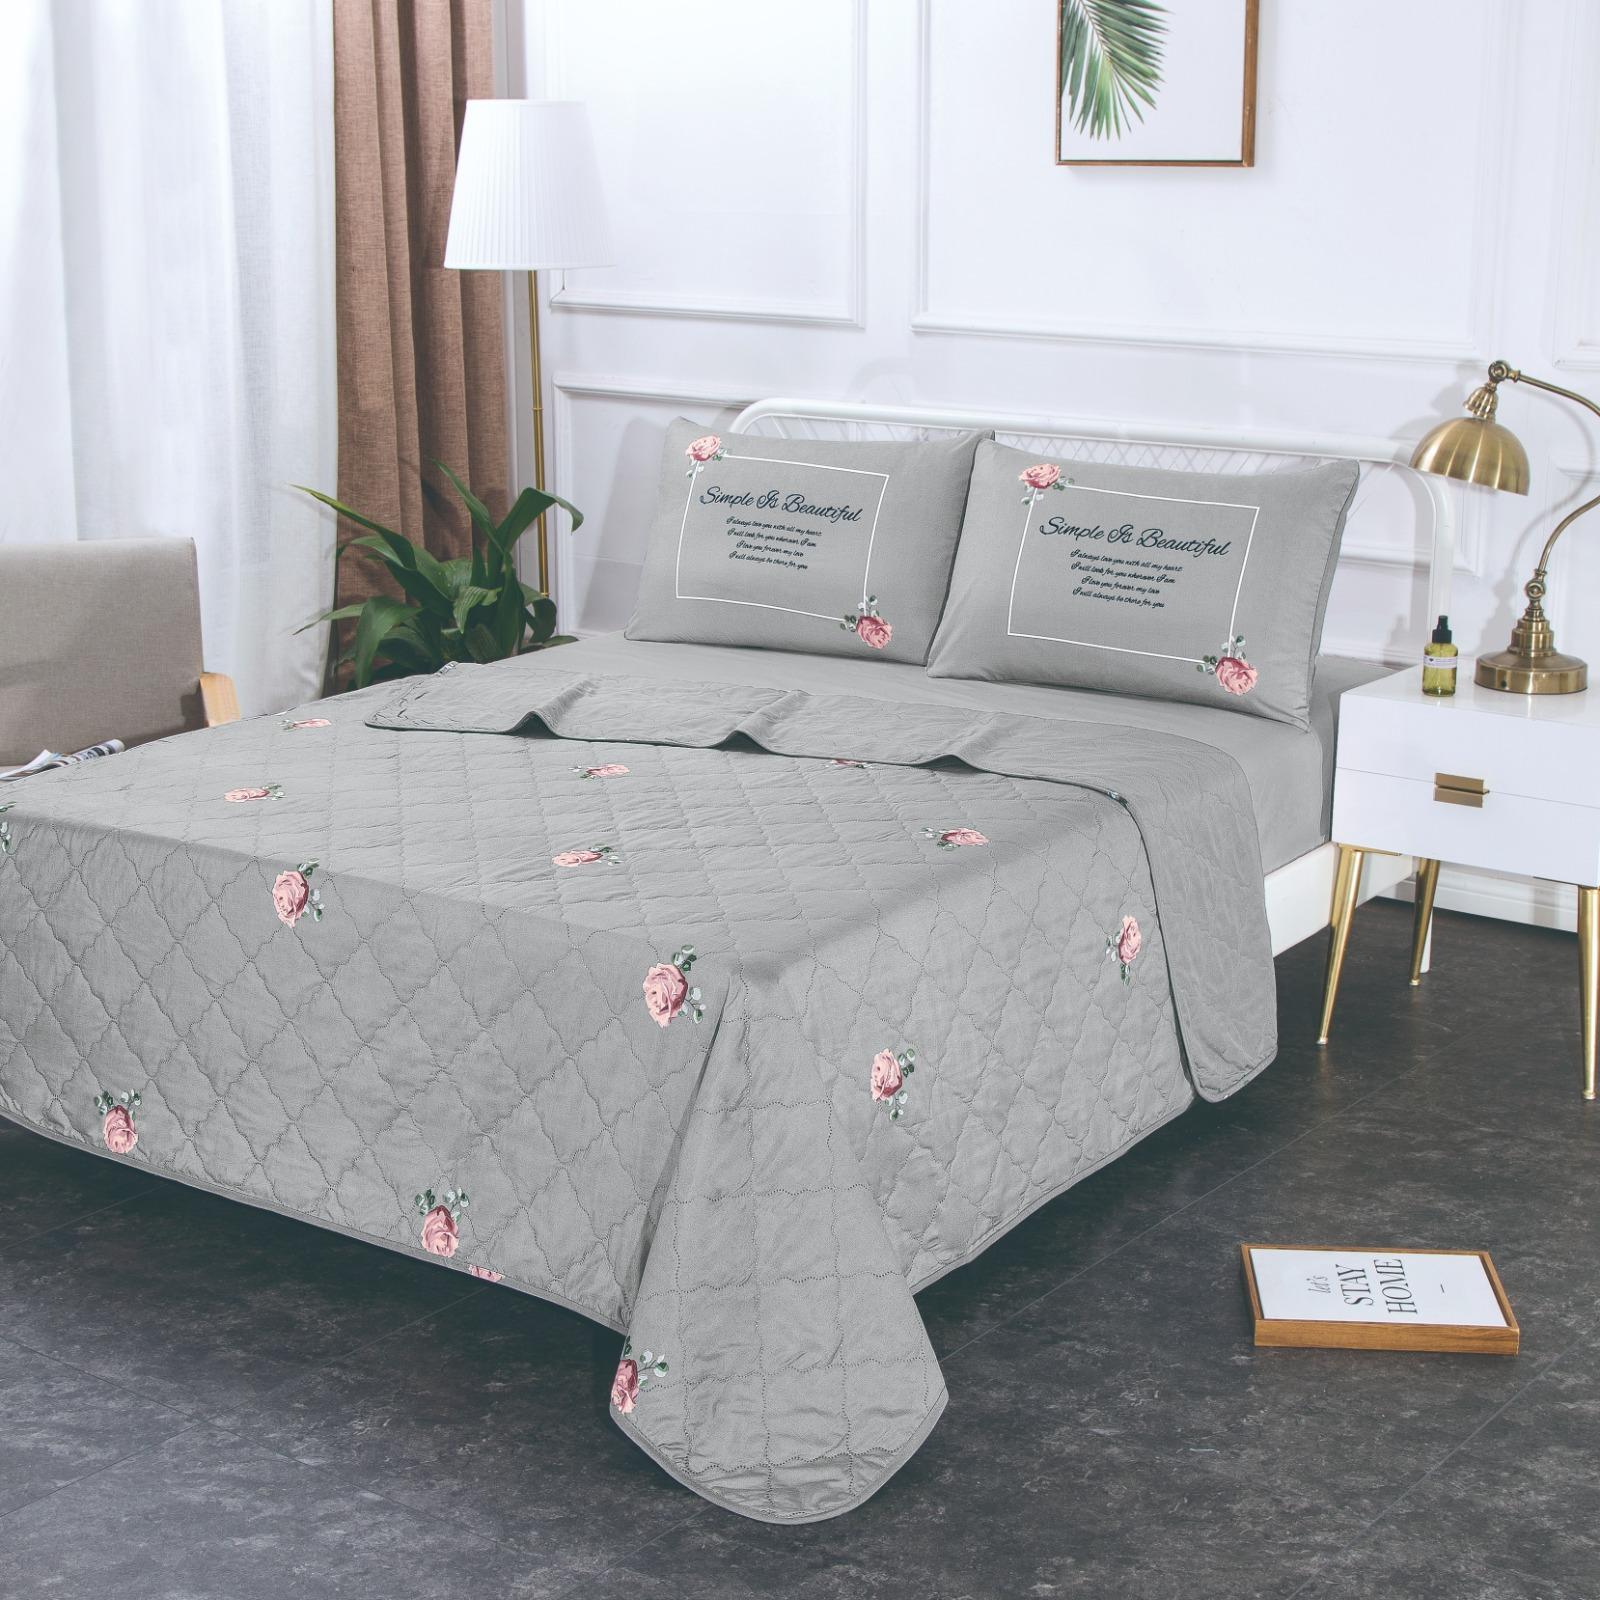 מערכת קיץ מיטה וחצי 6צבעים